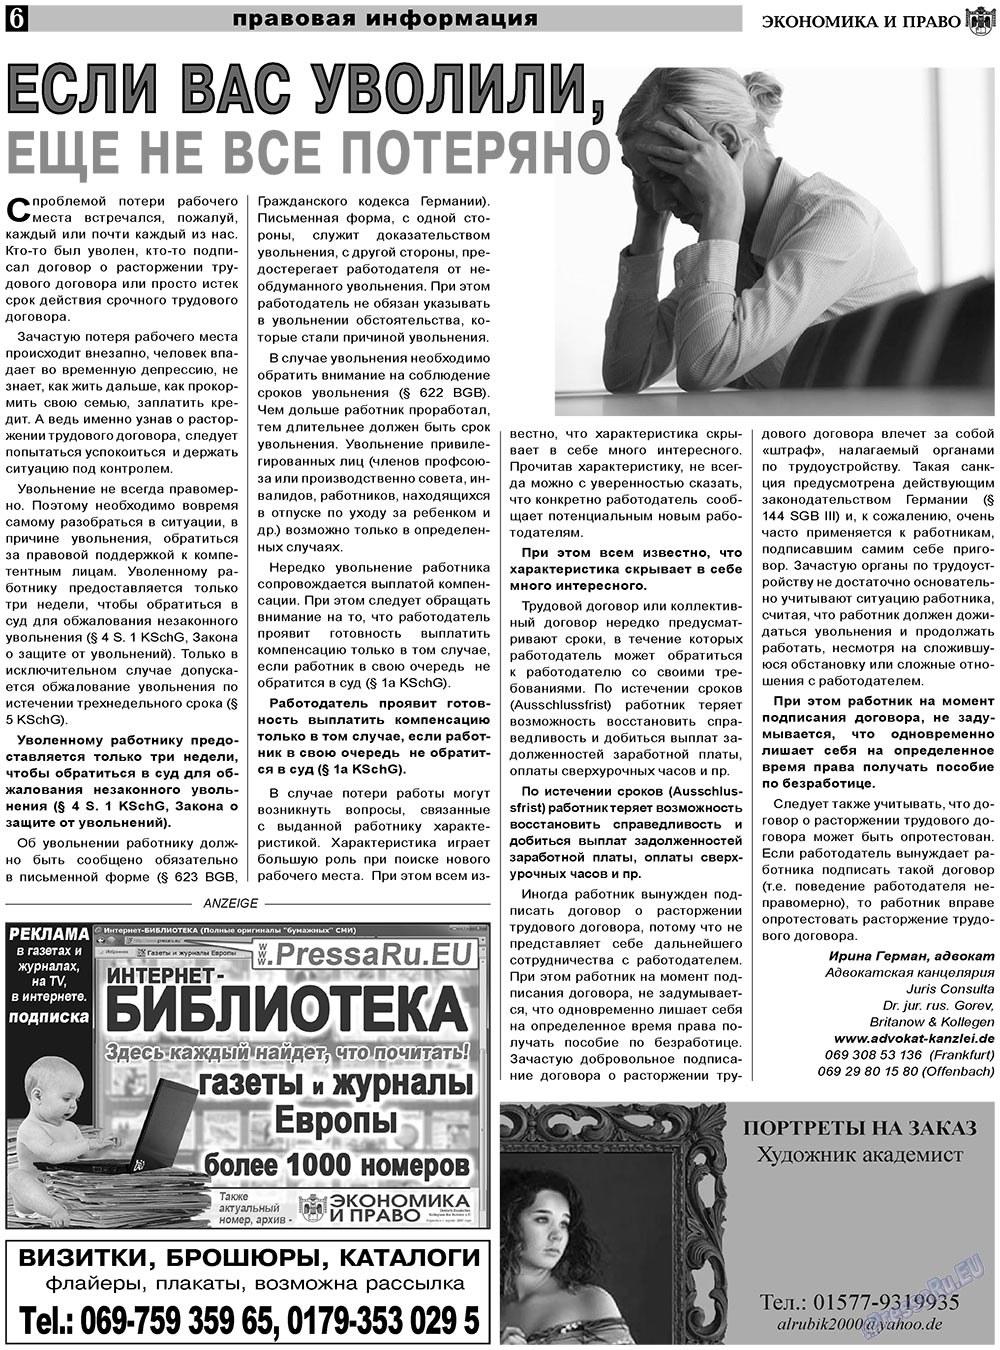 мальдивах имеет ли право газета выкладывать авторские фото норберт